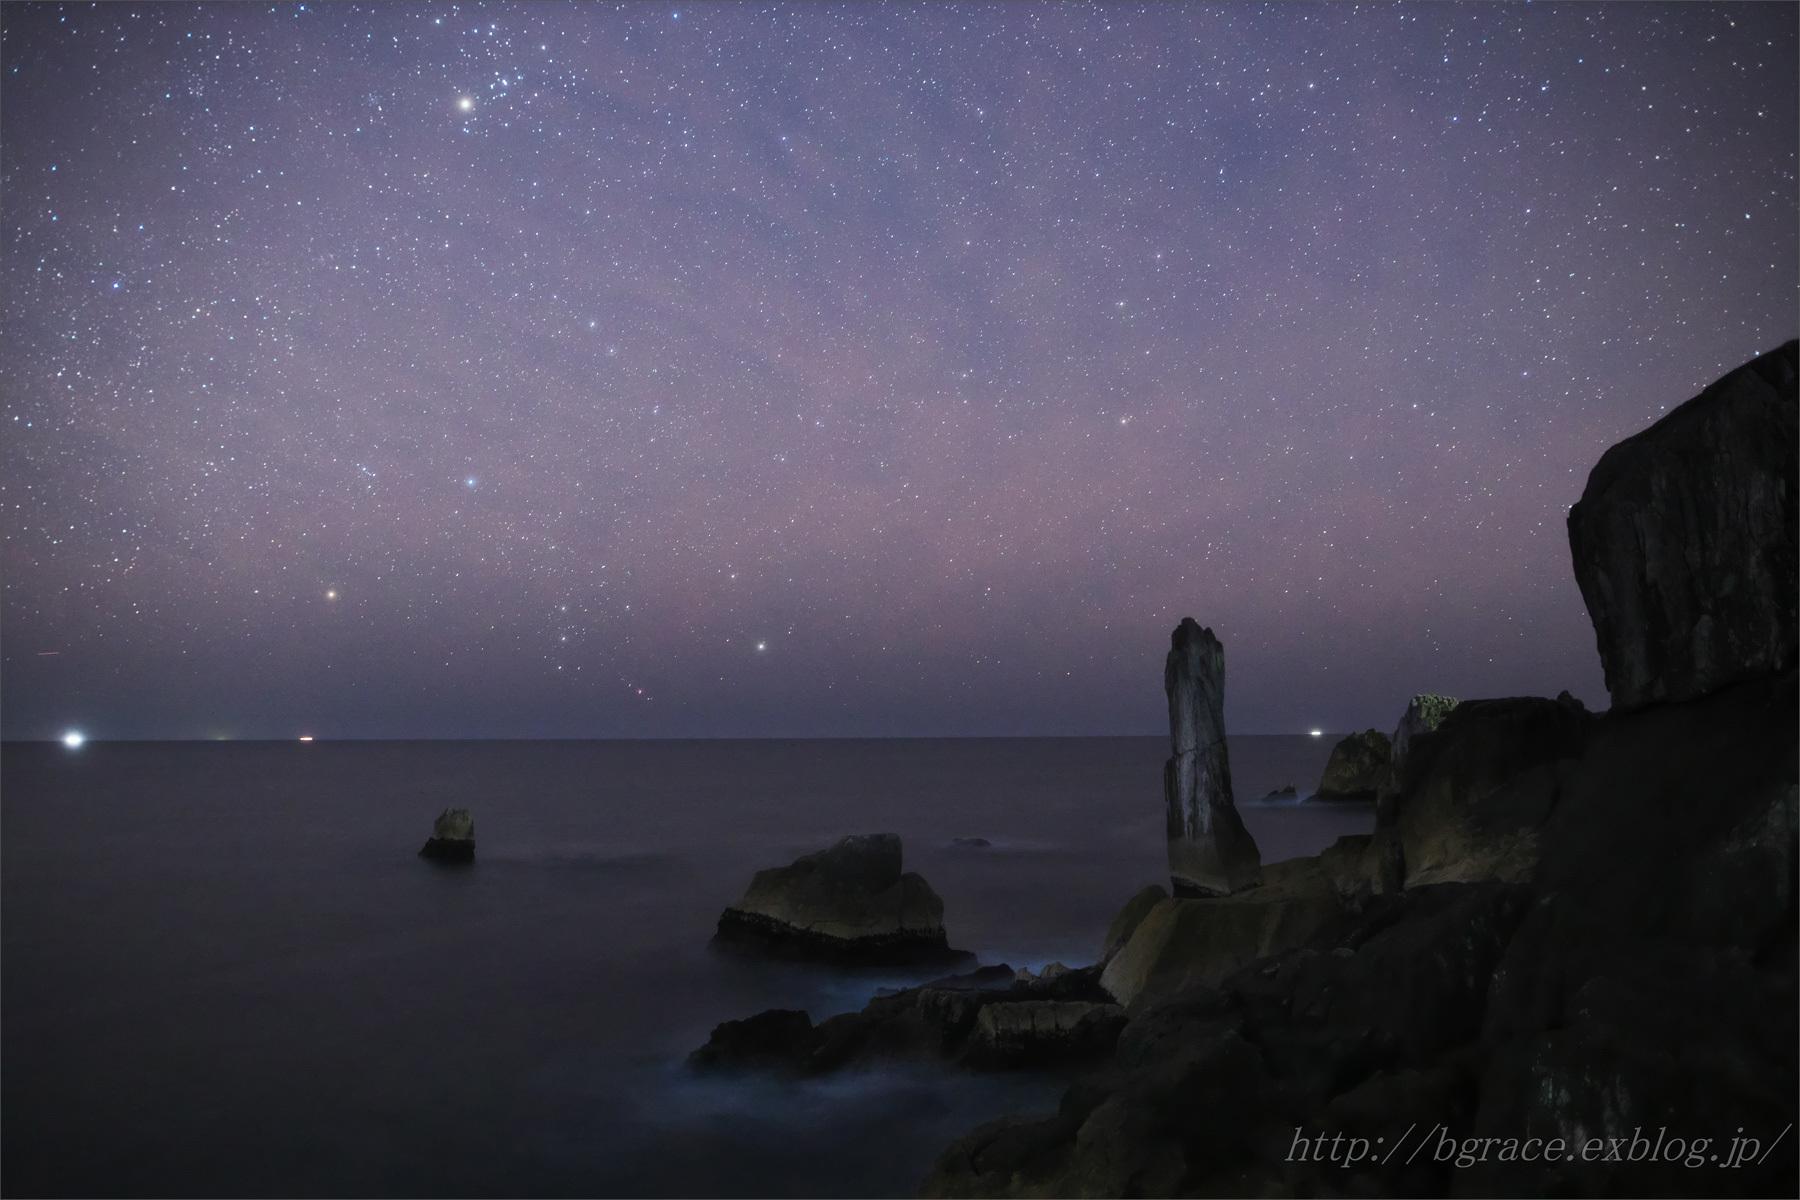 大気光にやられた夜_b0191074_15423694.jpg